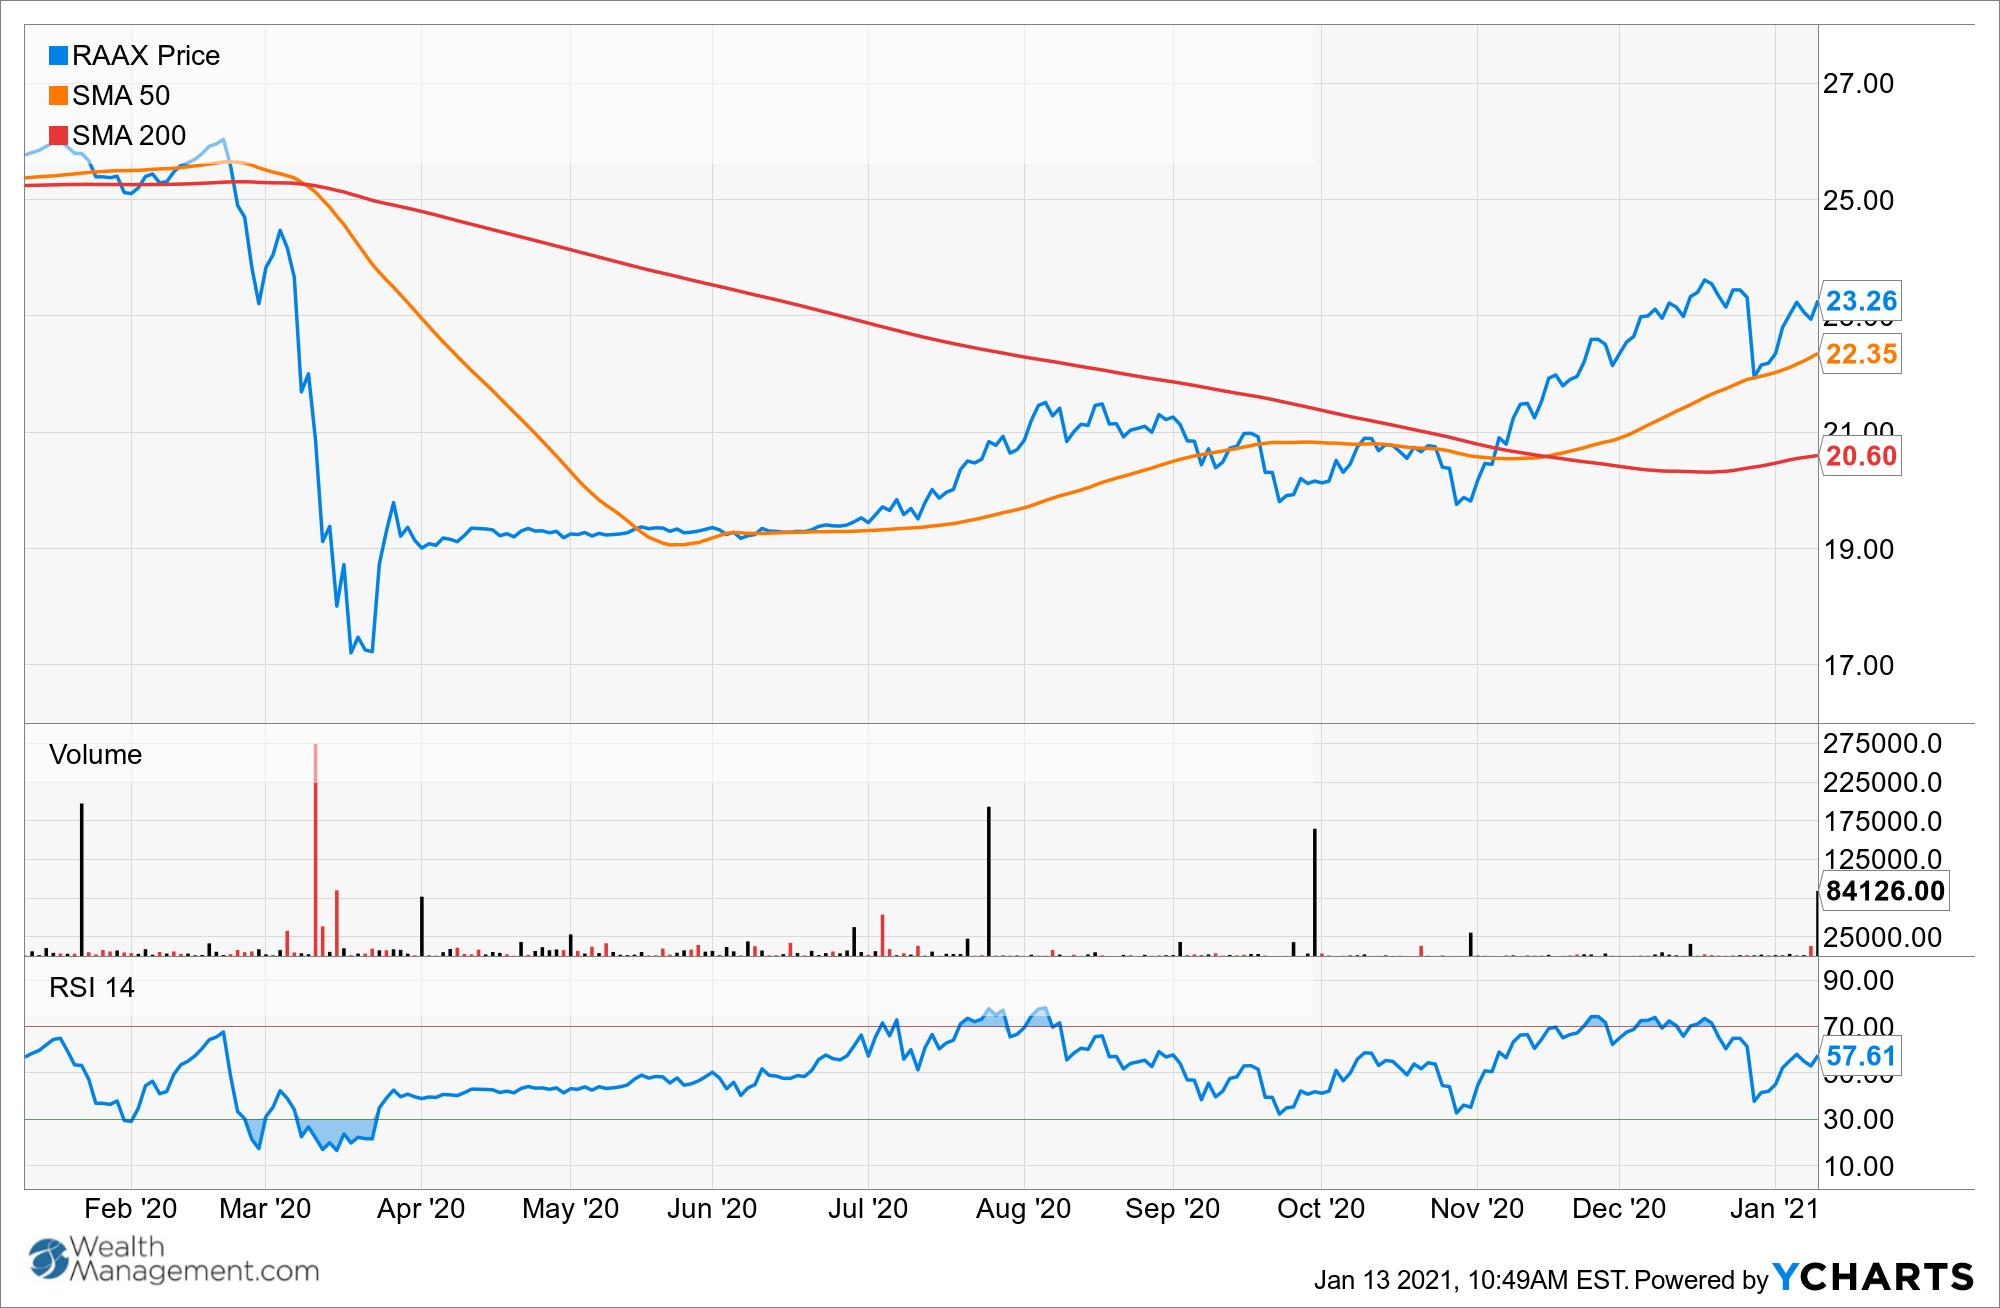 RAAX Chart